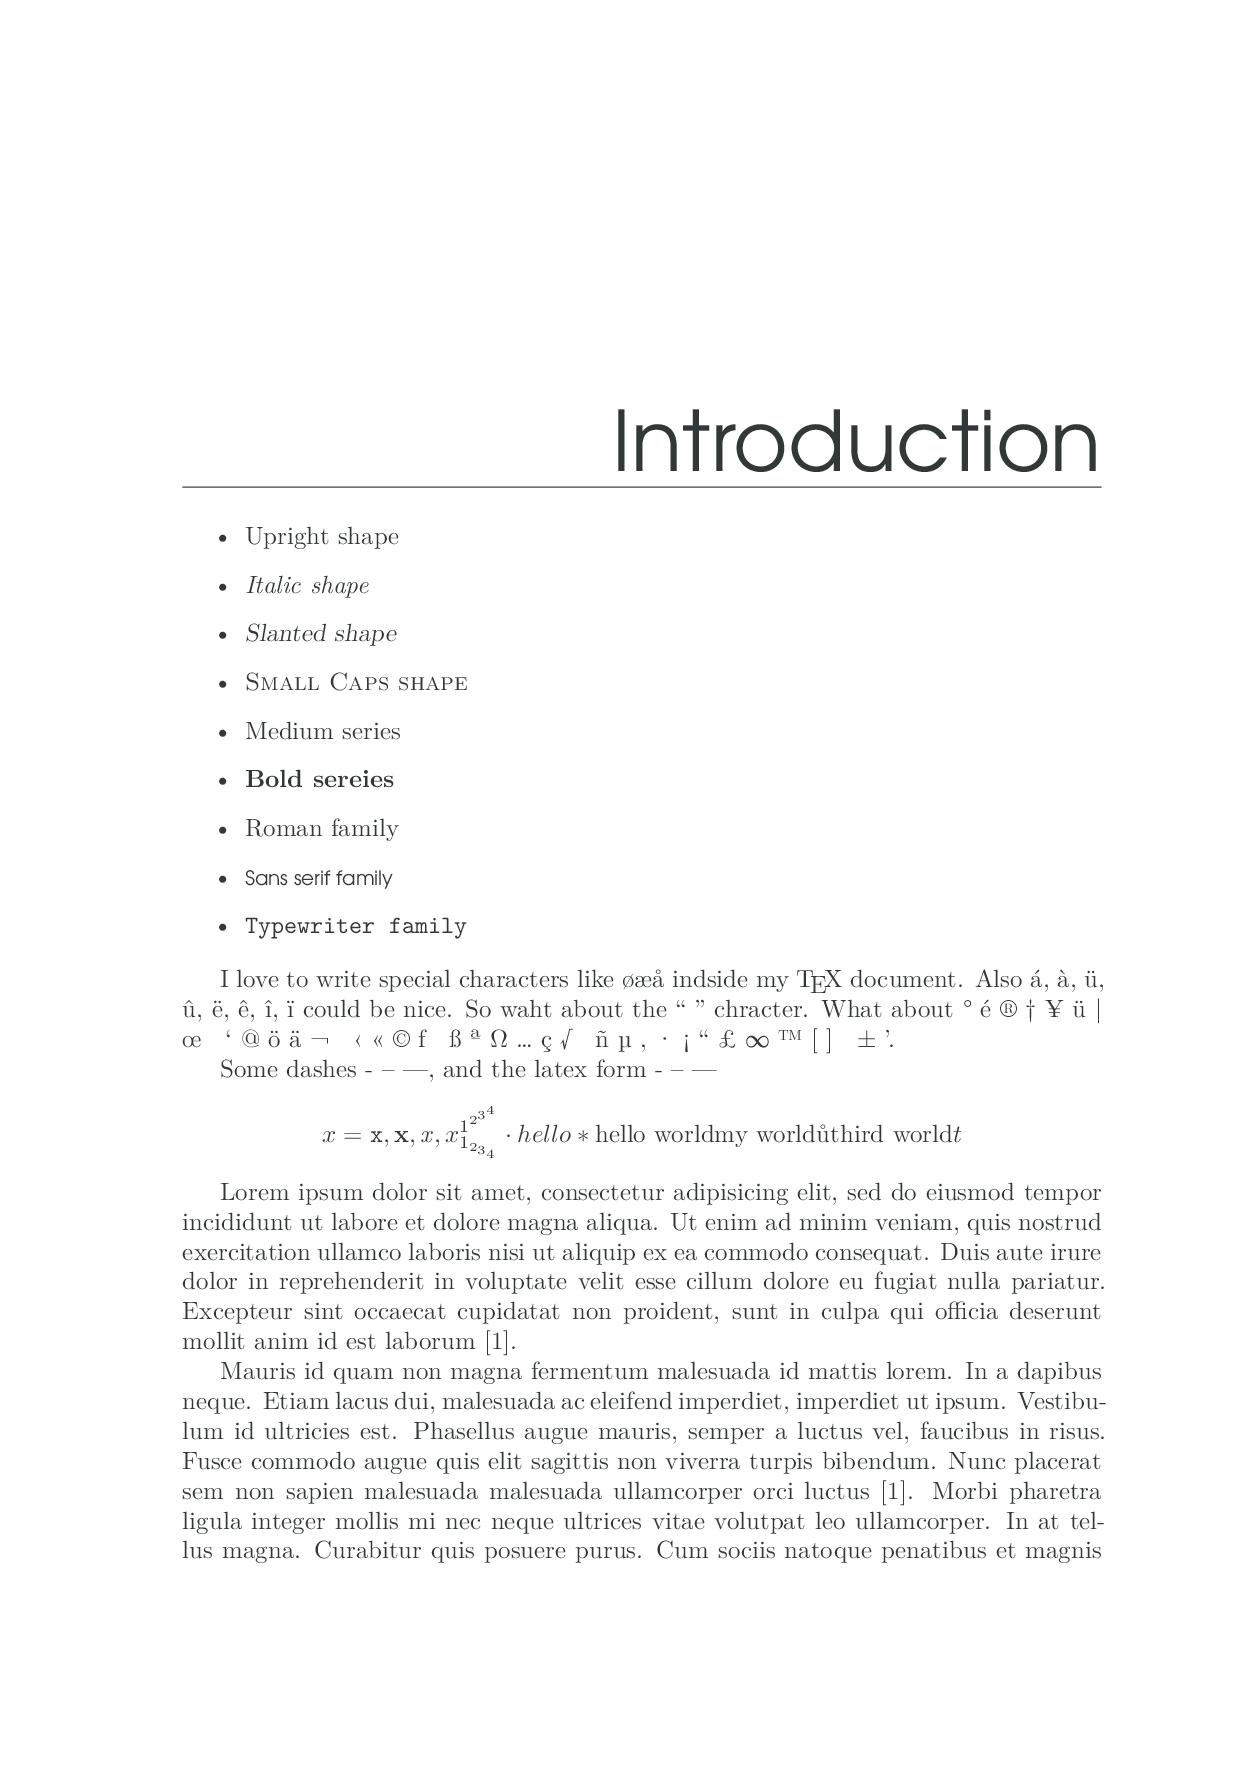 丹麥技術大學博士學位論文的 LaTeX 模板